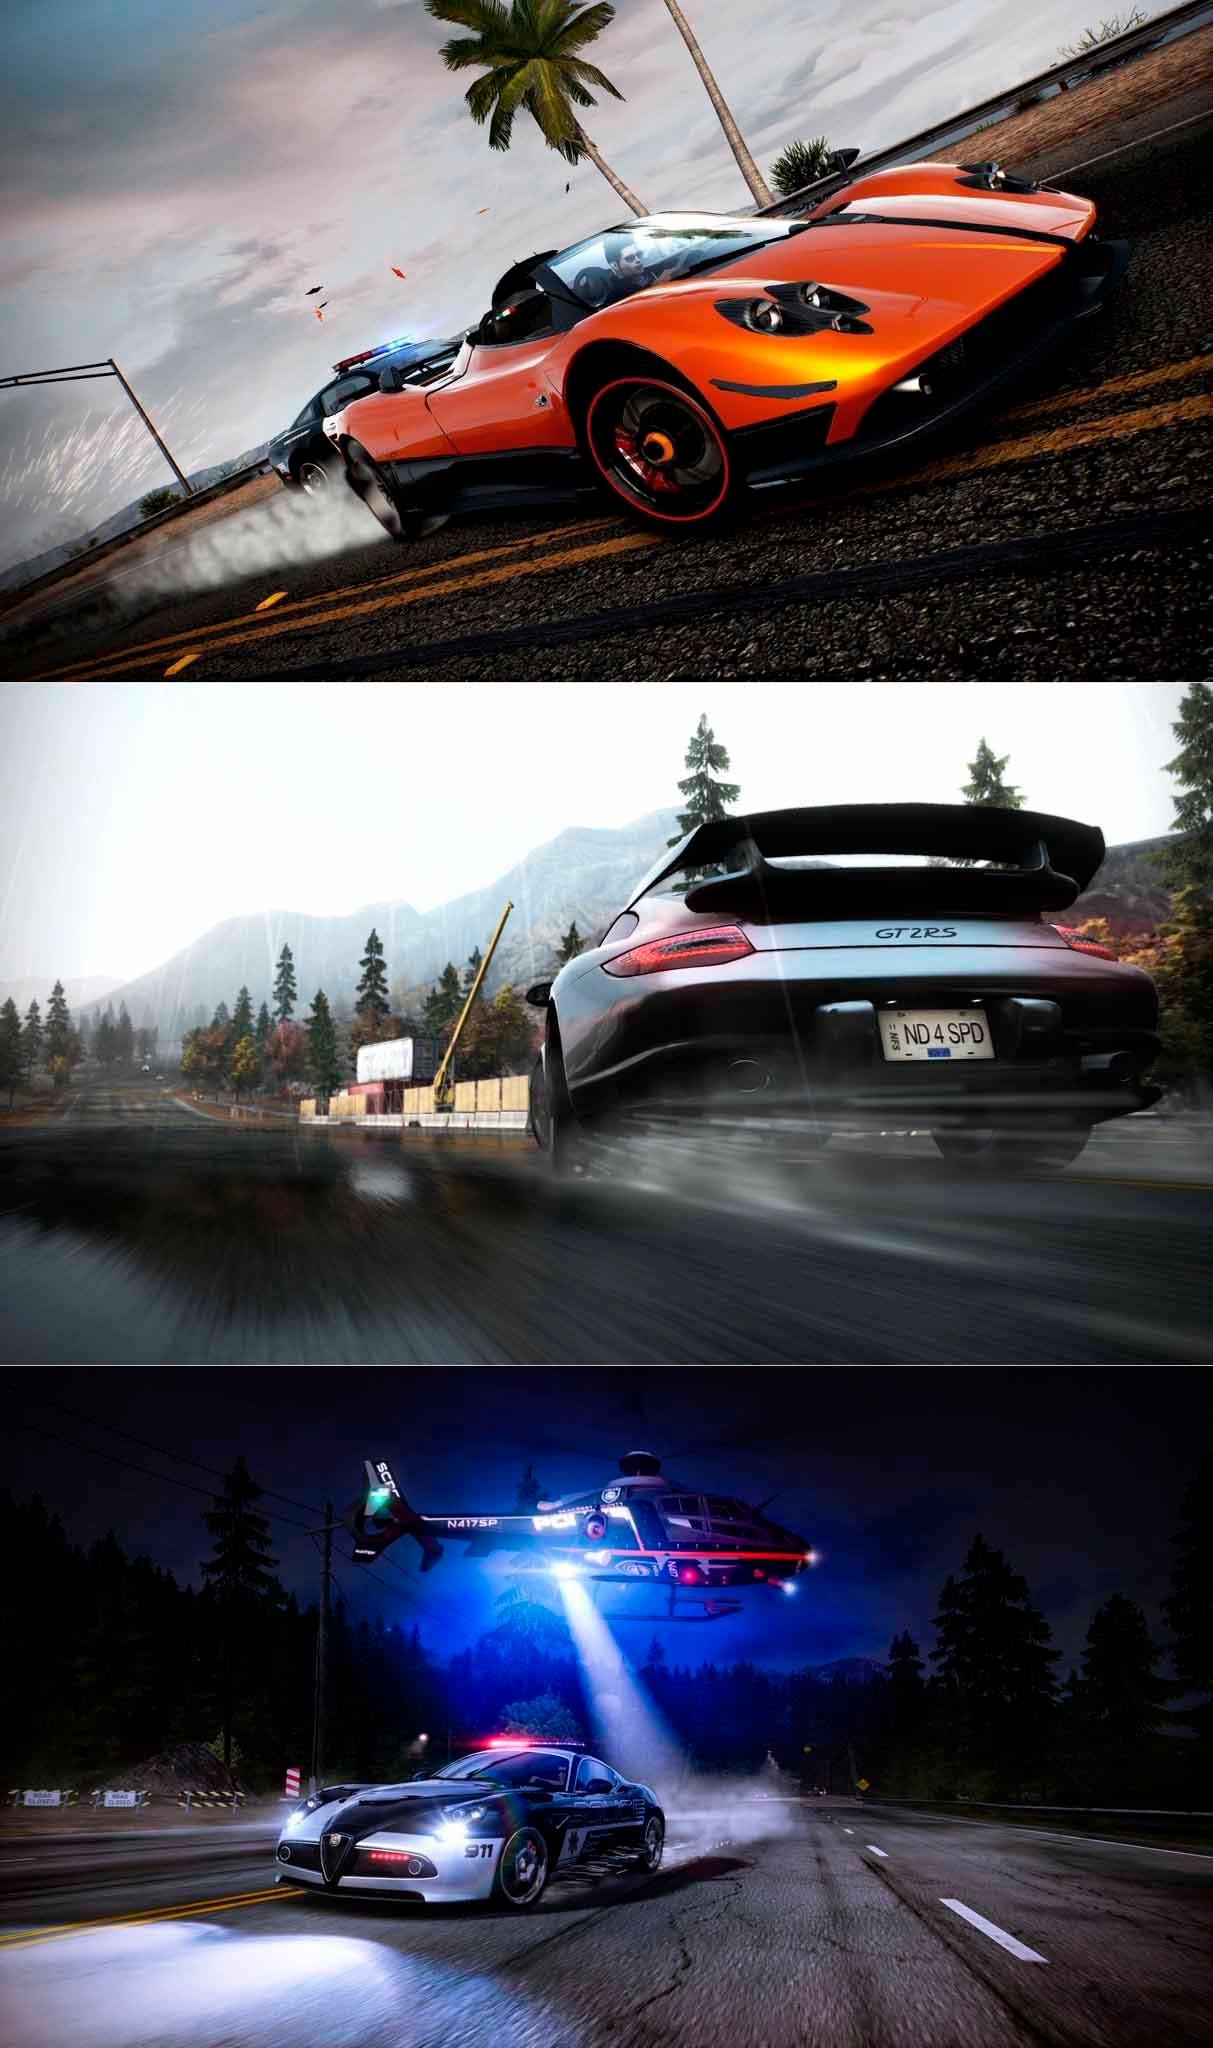 Filtrada gran cantidad de información de Need for Speed Hot Pursuit Remastered, incluyendo fecha de lanzamiento 2